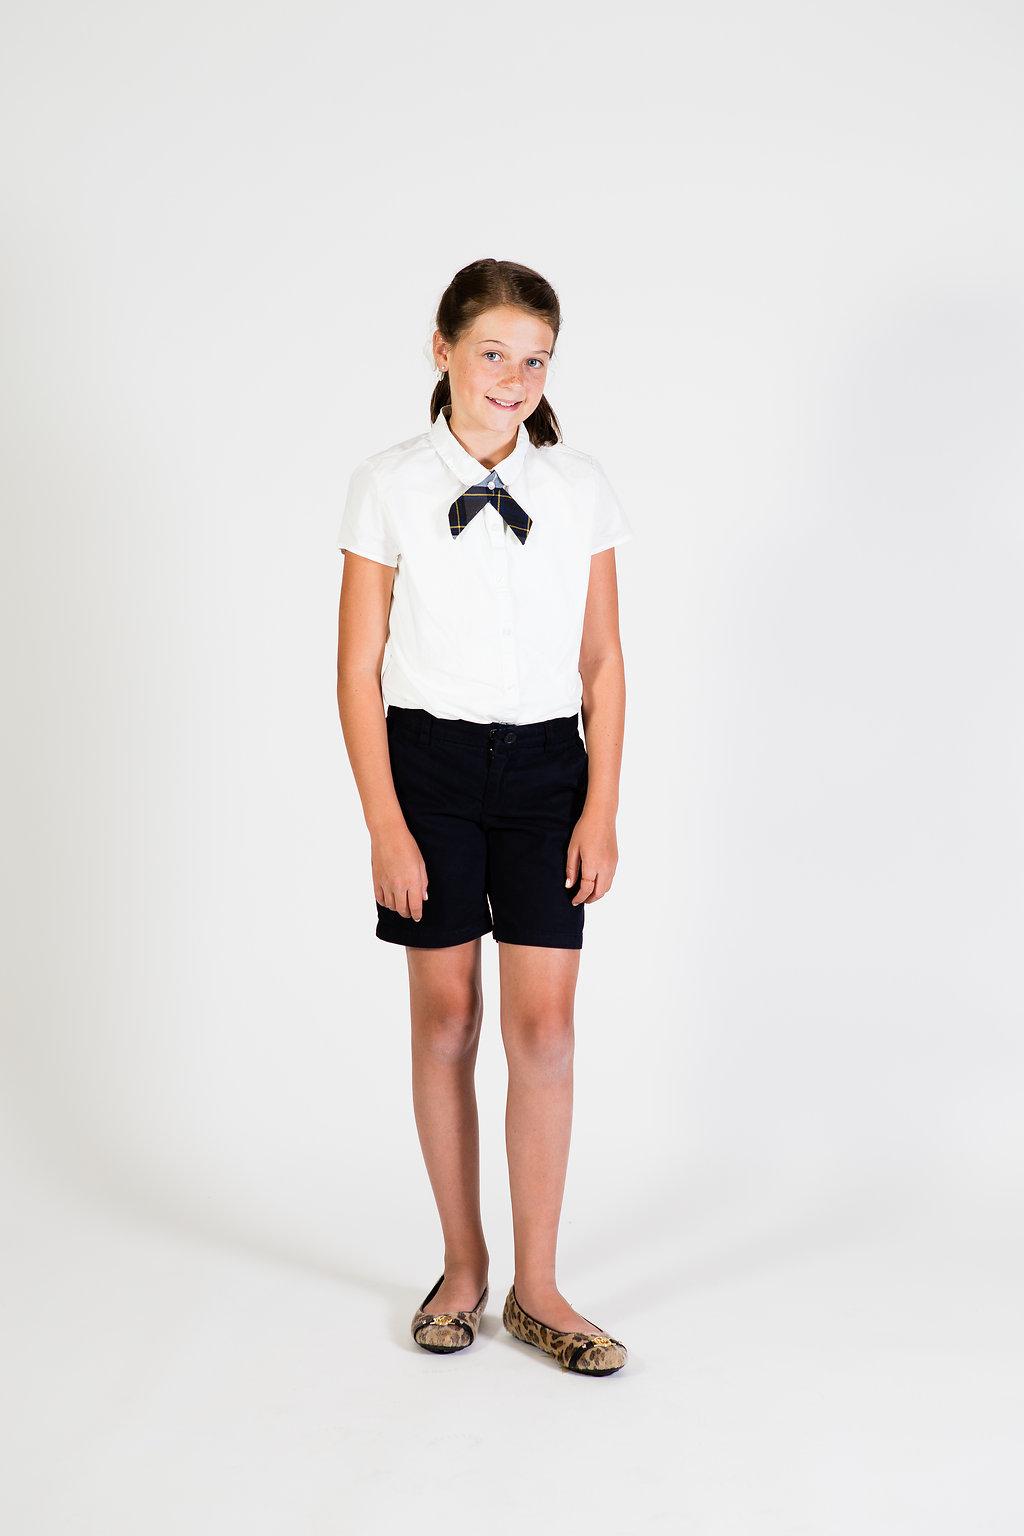 16JuneWCA_Uniforms082.jpg